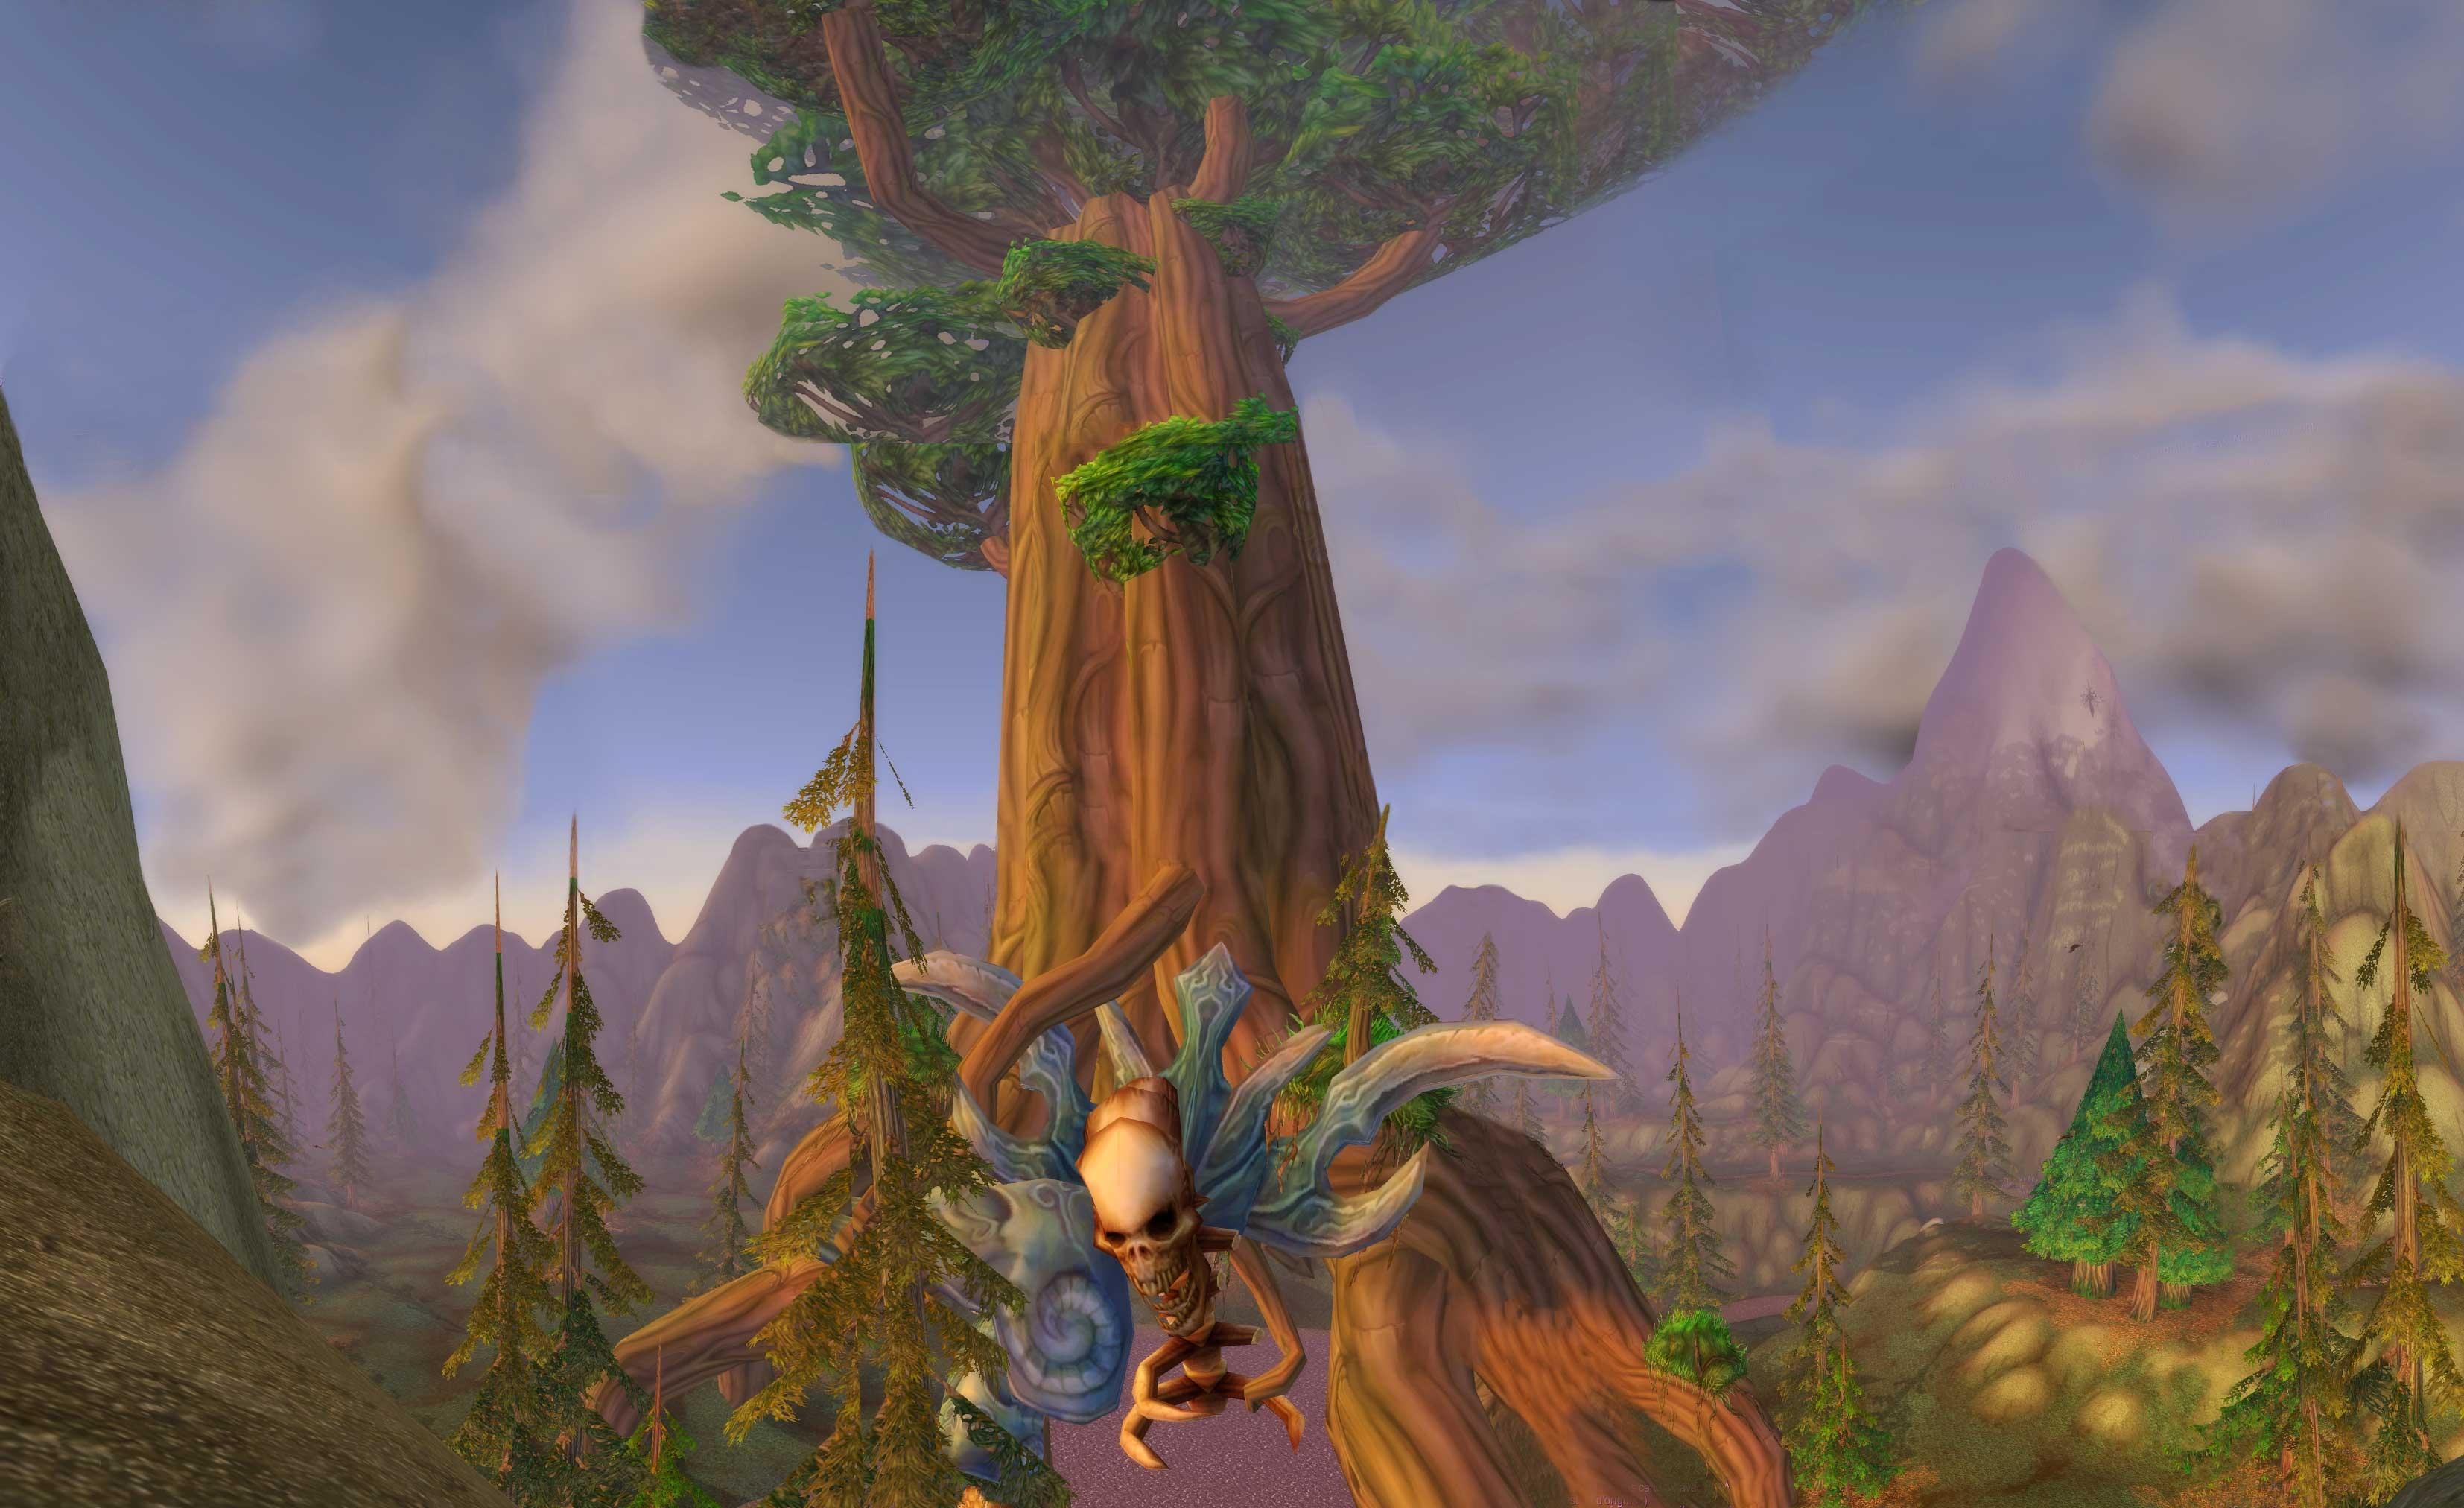 Mont Hyjal avec la dépouille d'Archimonde dans l'Arbre-Monde (image de WoW-Underground)